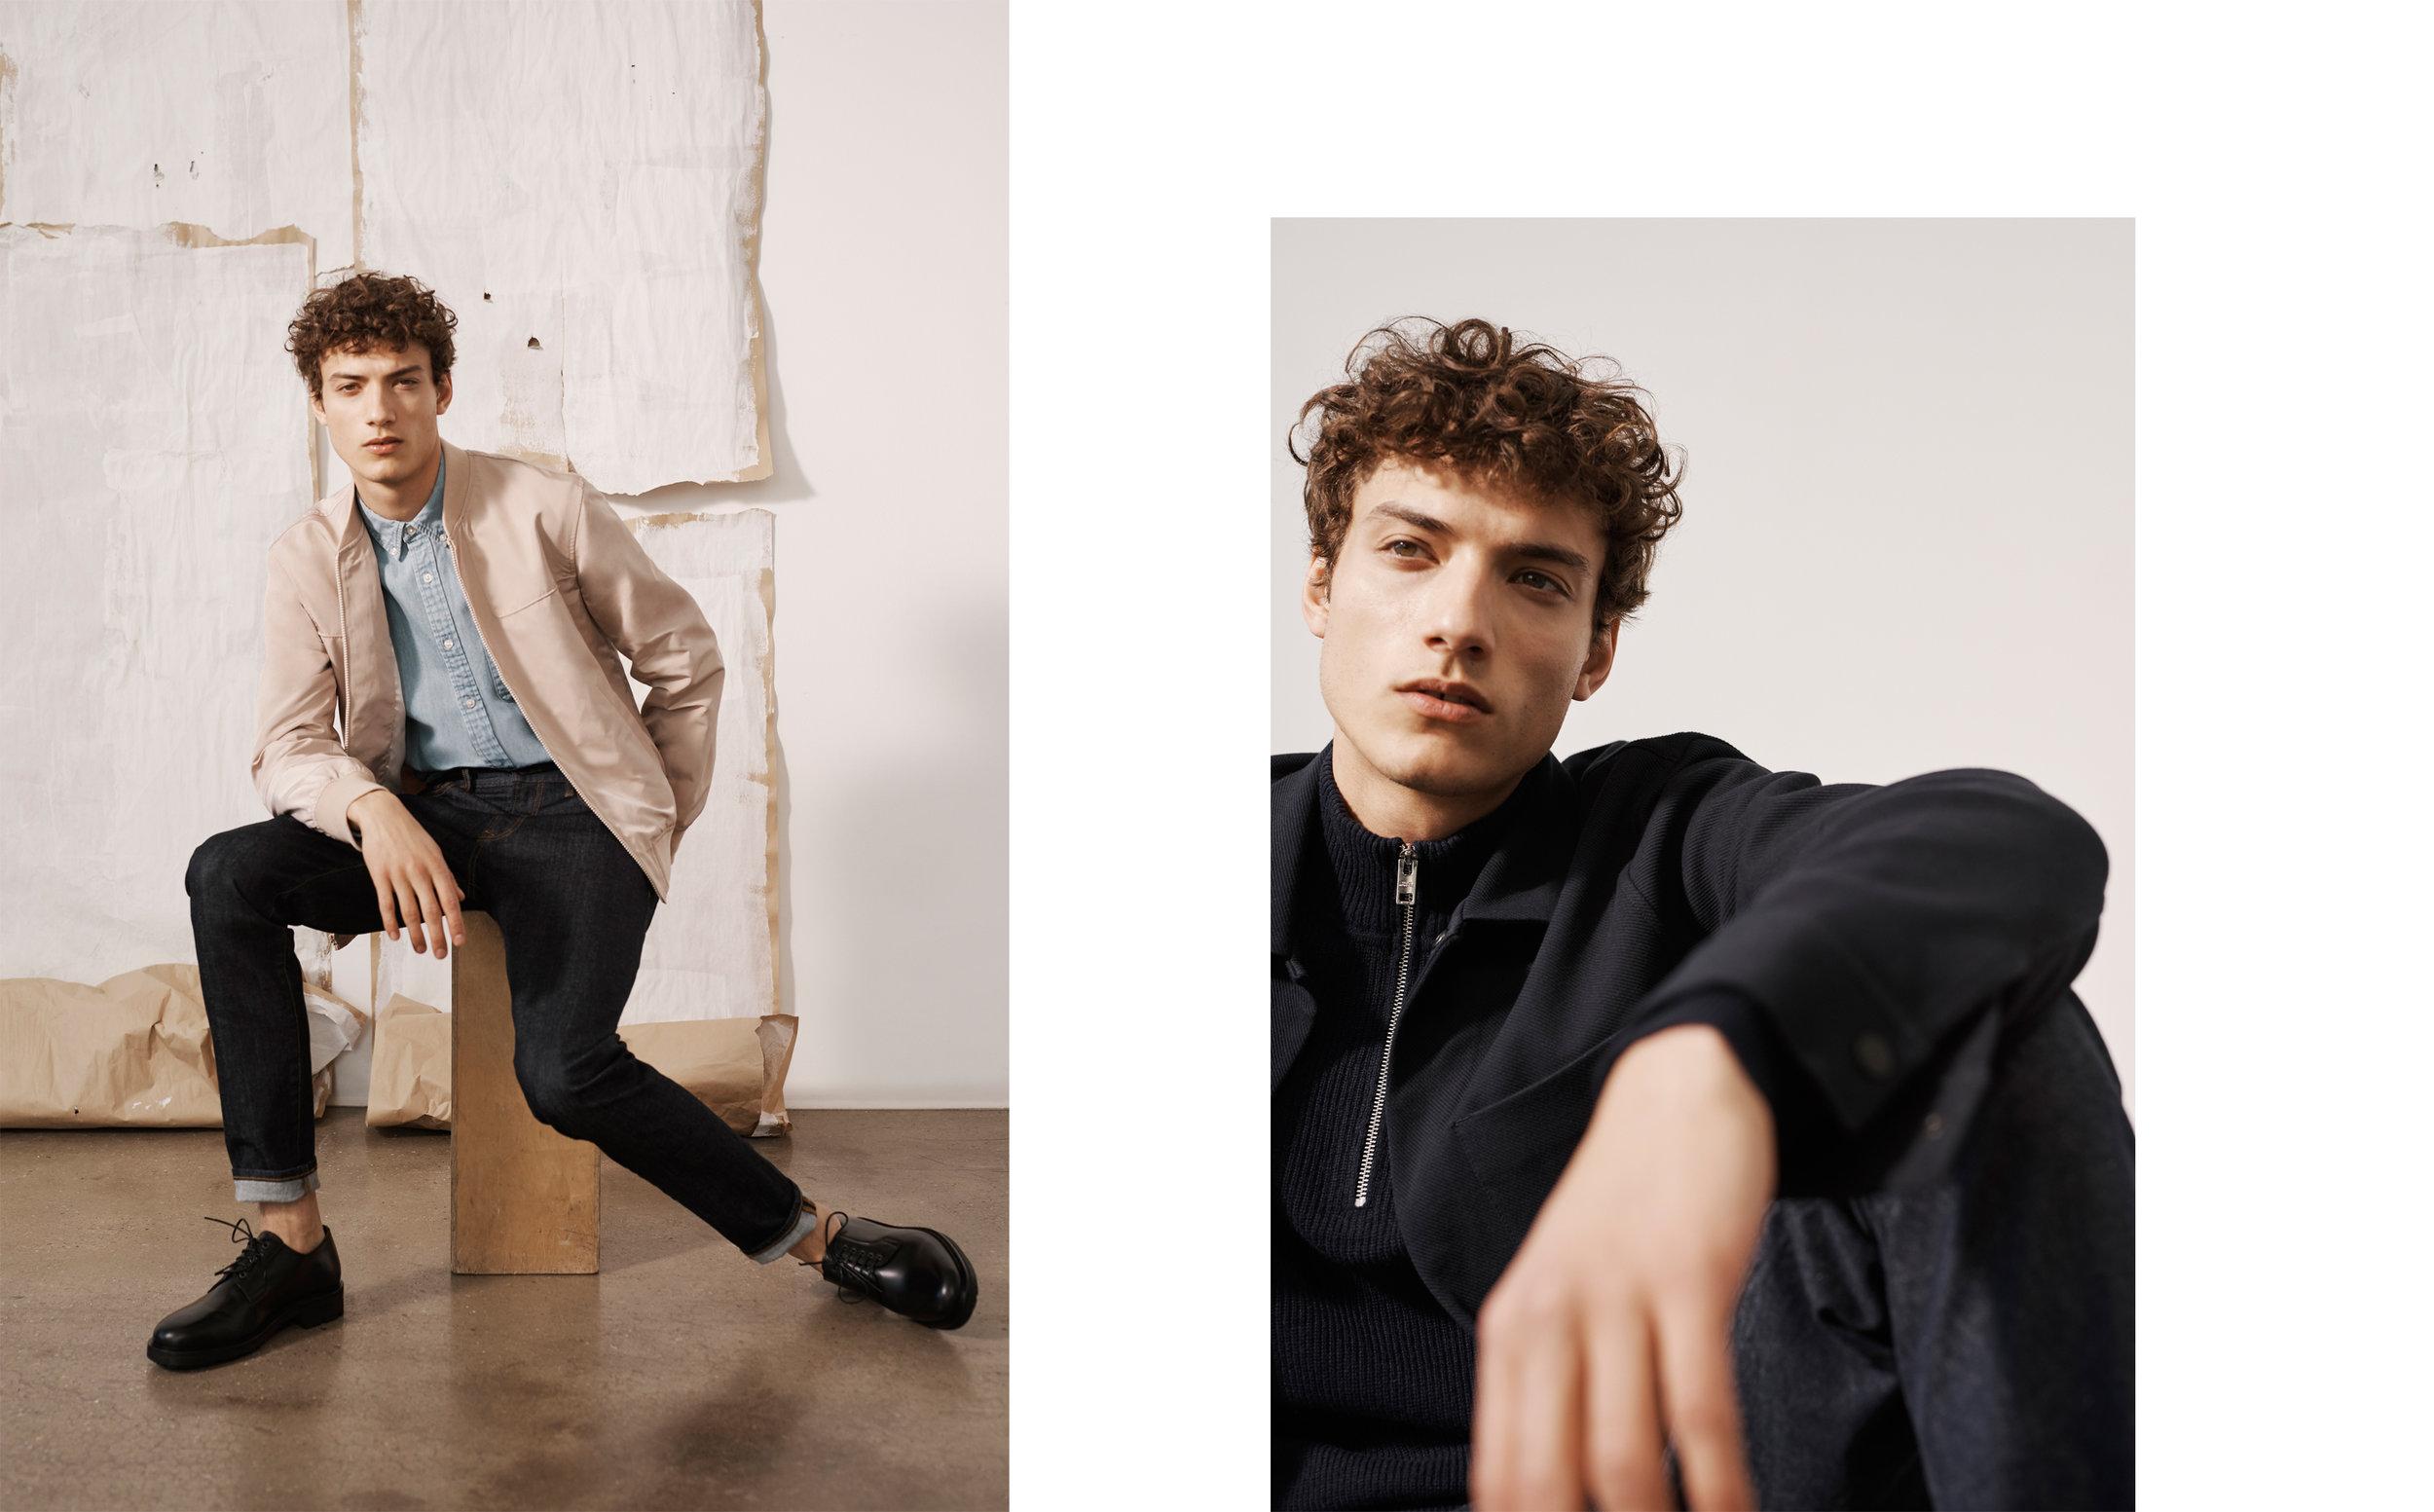 Bomber Jacket, Super Slim Denim, LS Oxford Solid / Twill Workwear Jacket, Cashmere Quarter Zip, Connor Denim Chino